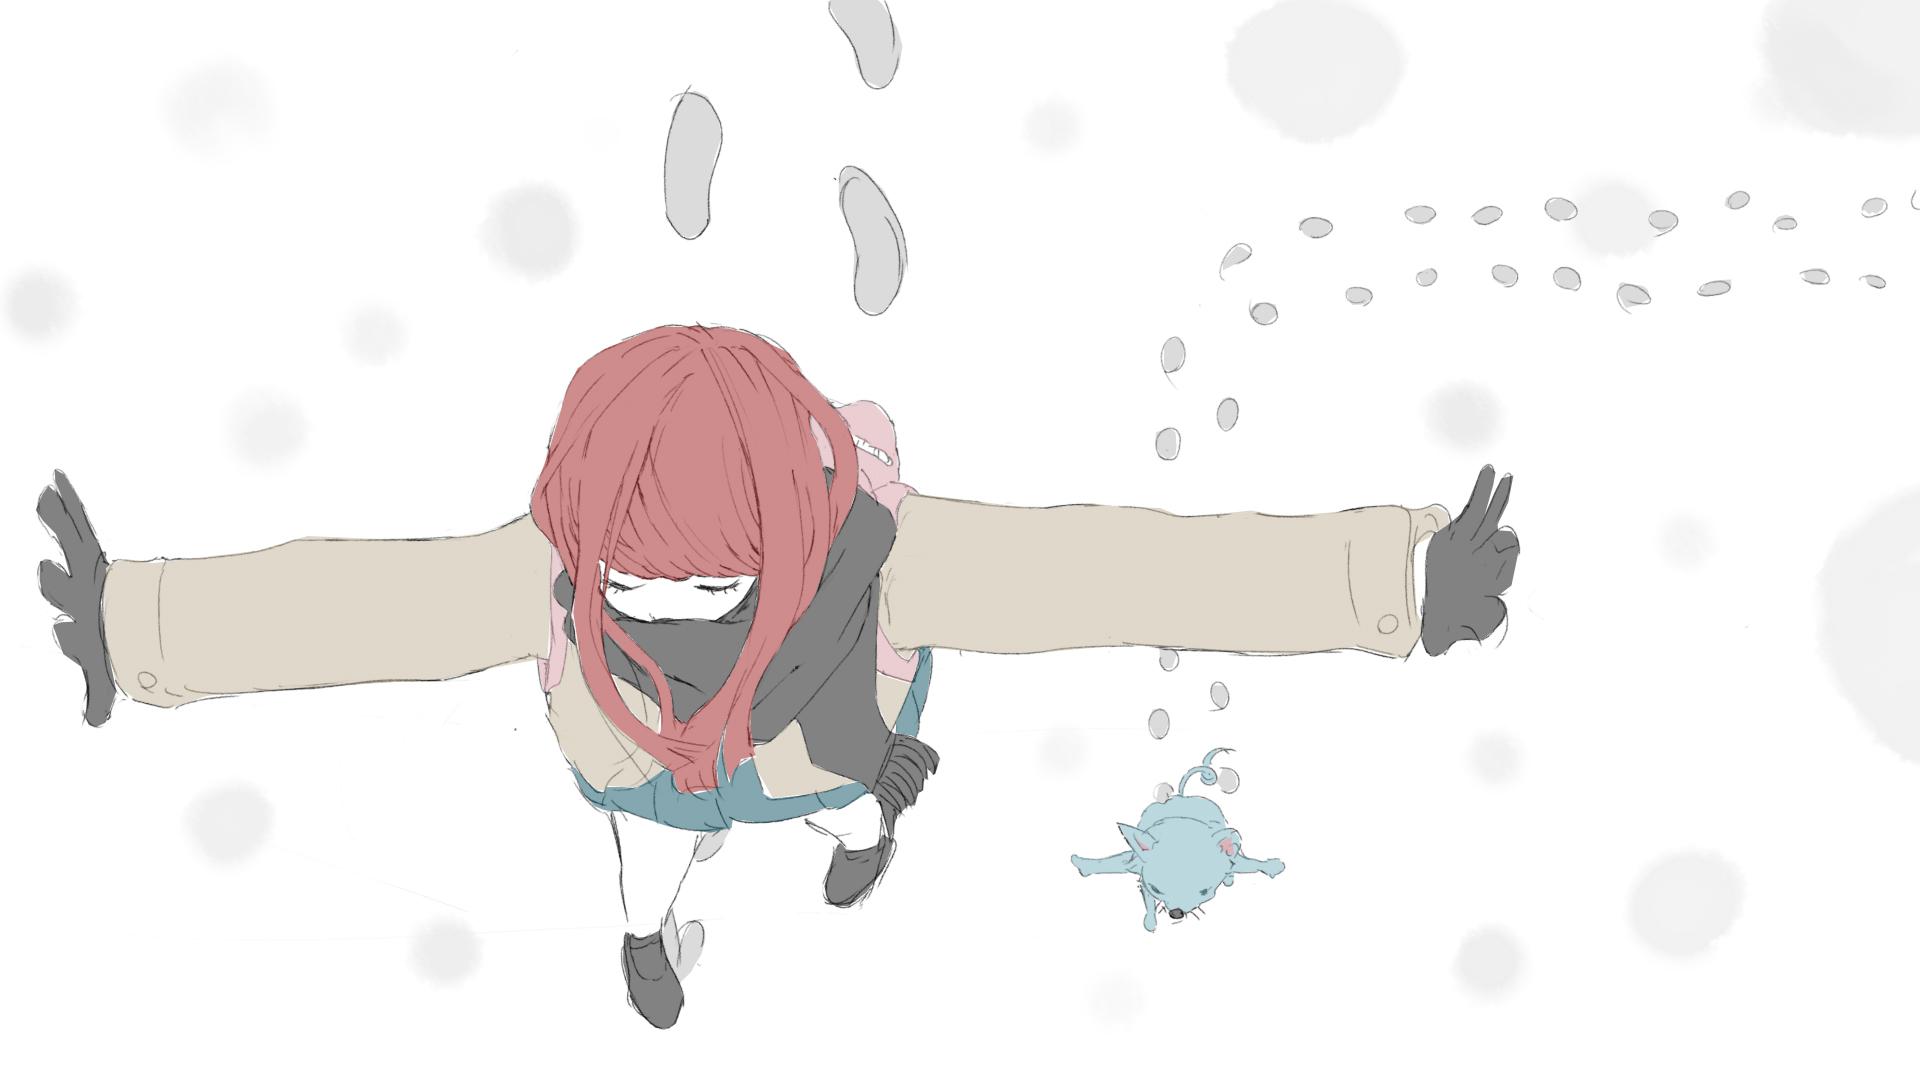 雪の日にそっと合流する女の子とかわいいねずみのフリーイラスト